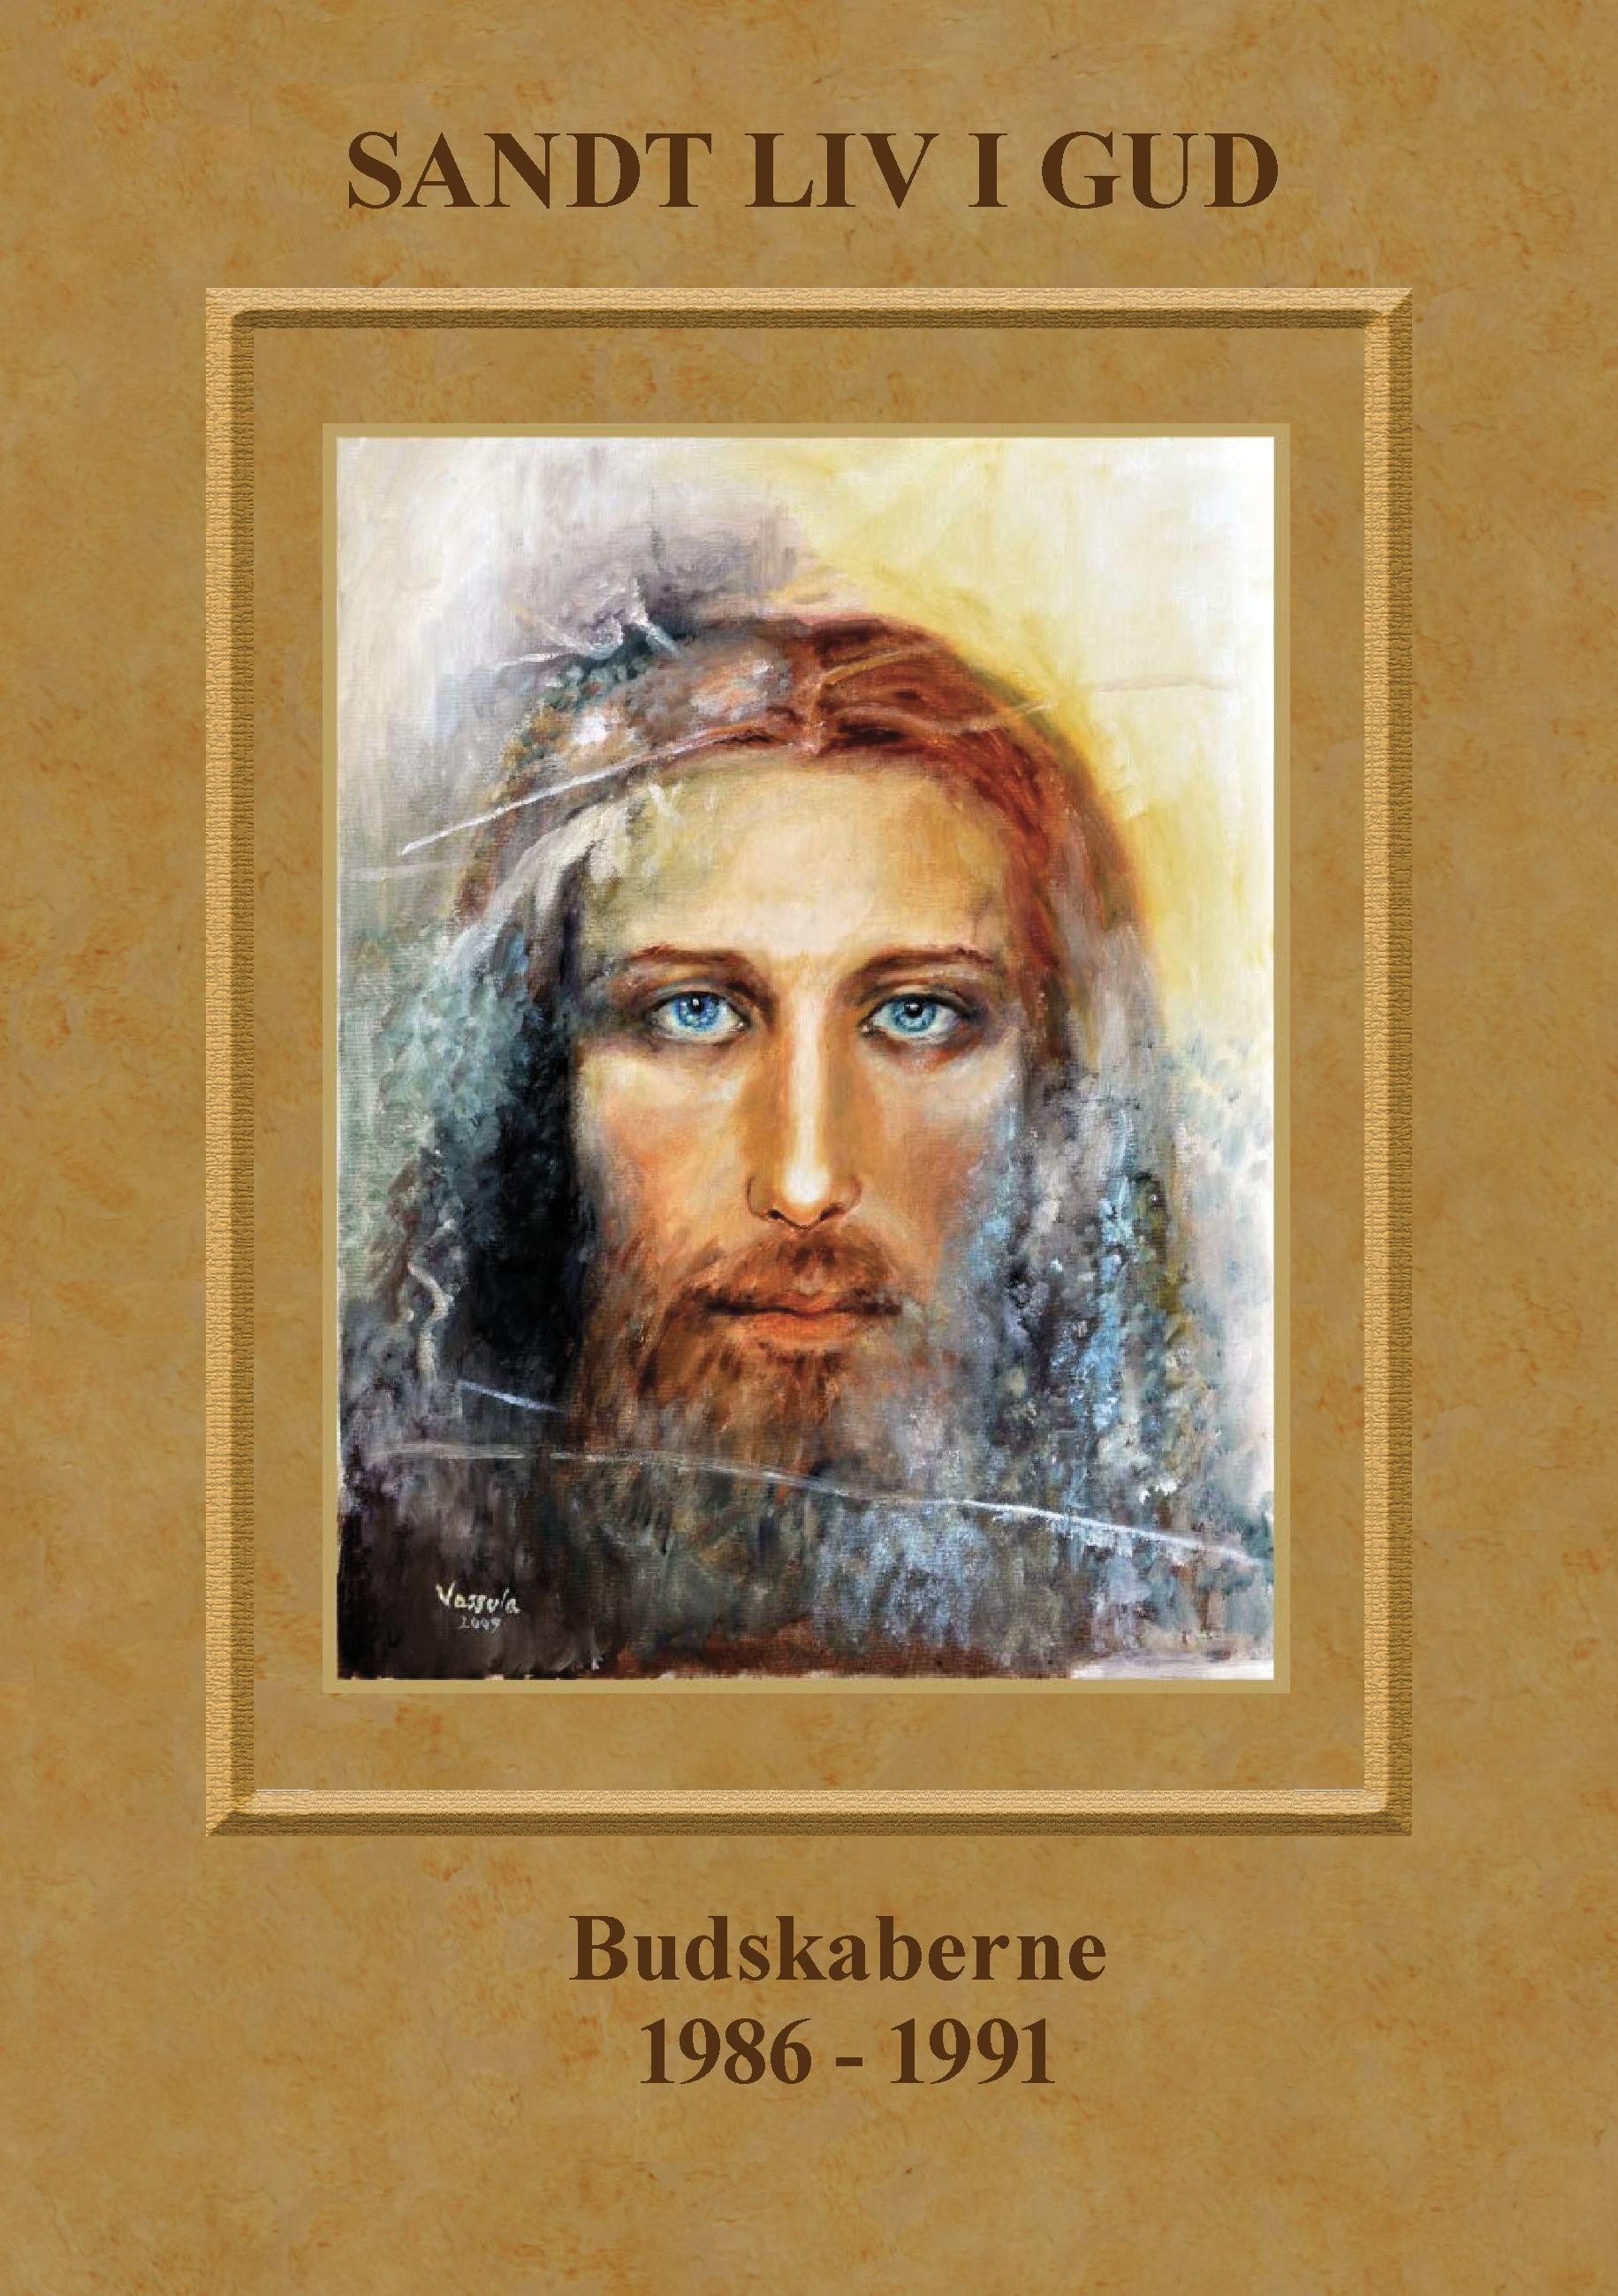 N/A Sandt liv i gud - e-bog fra bog & mystik